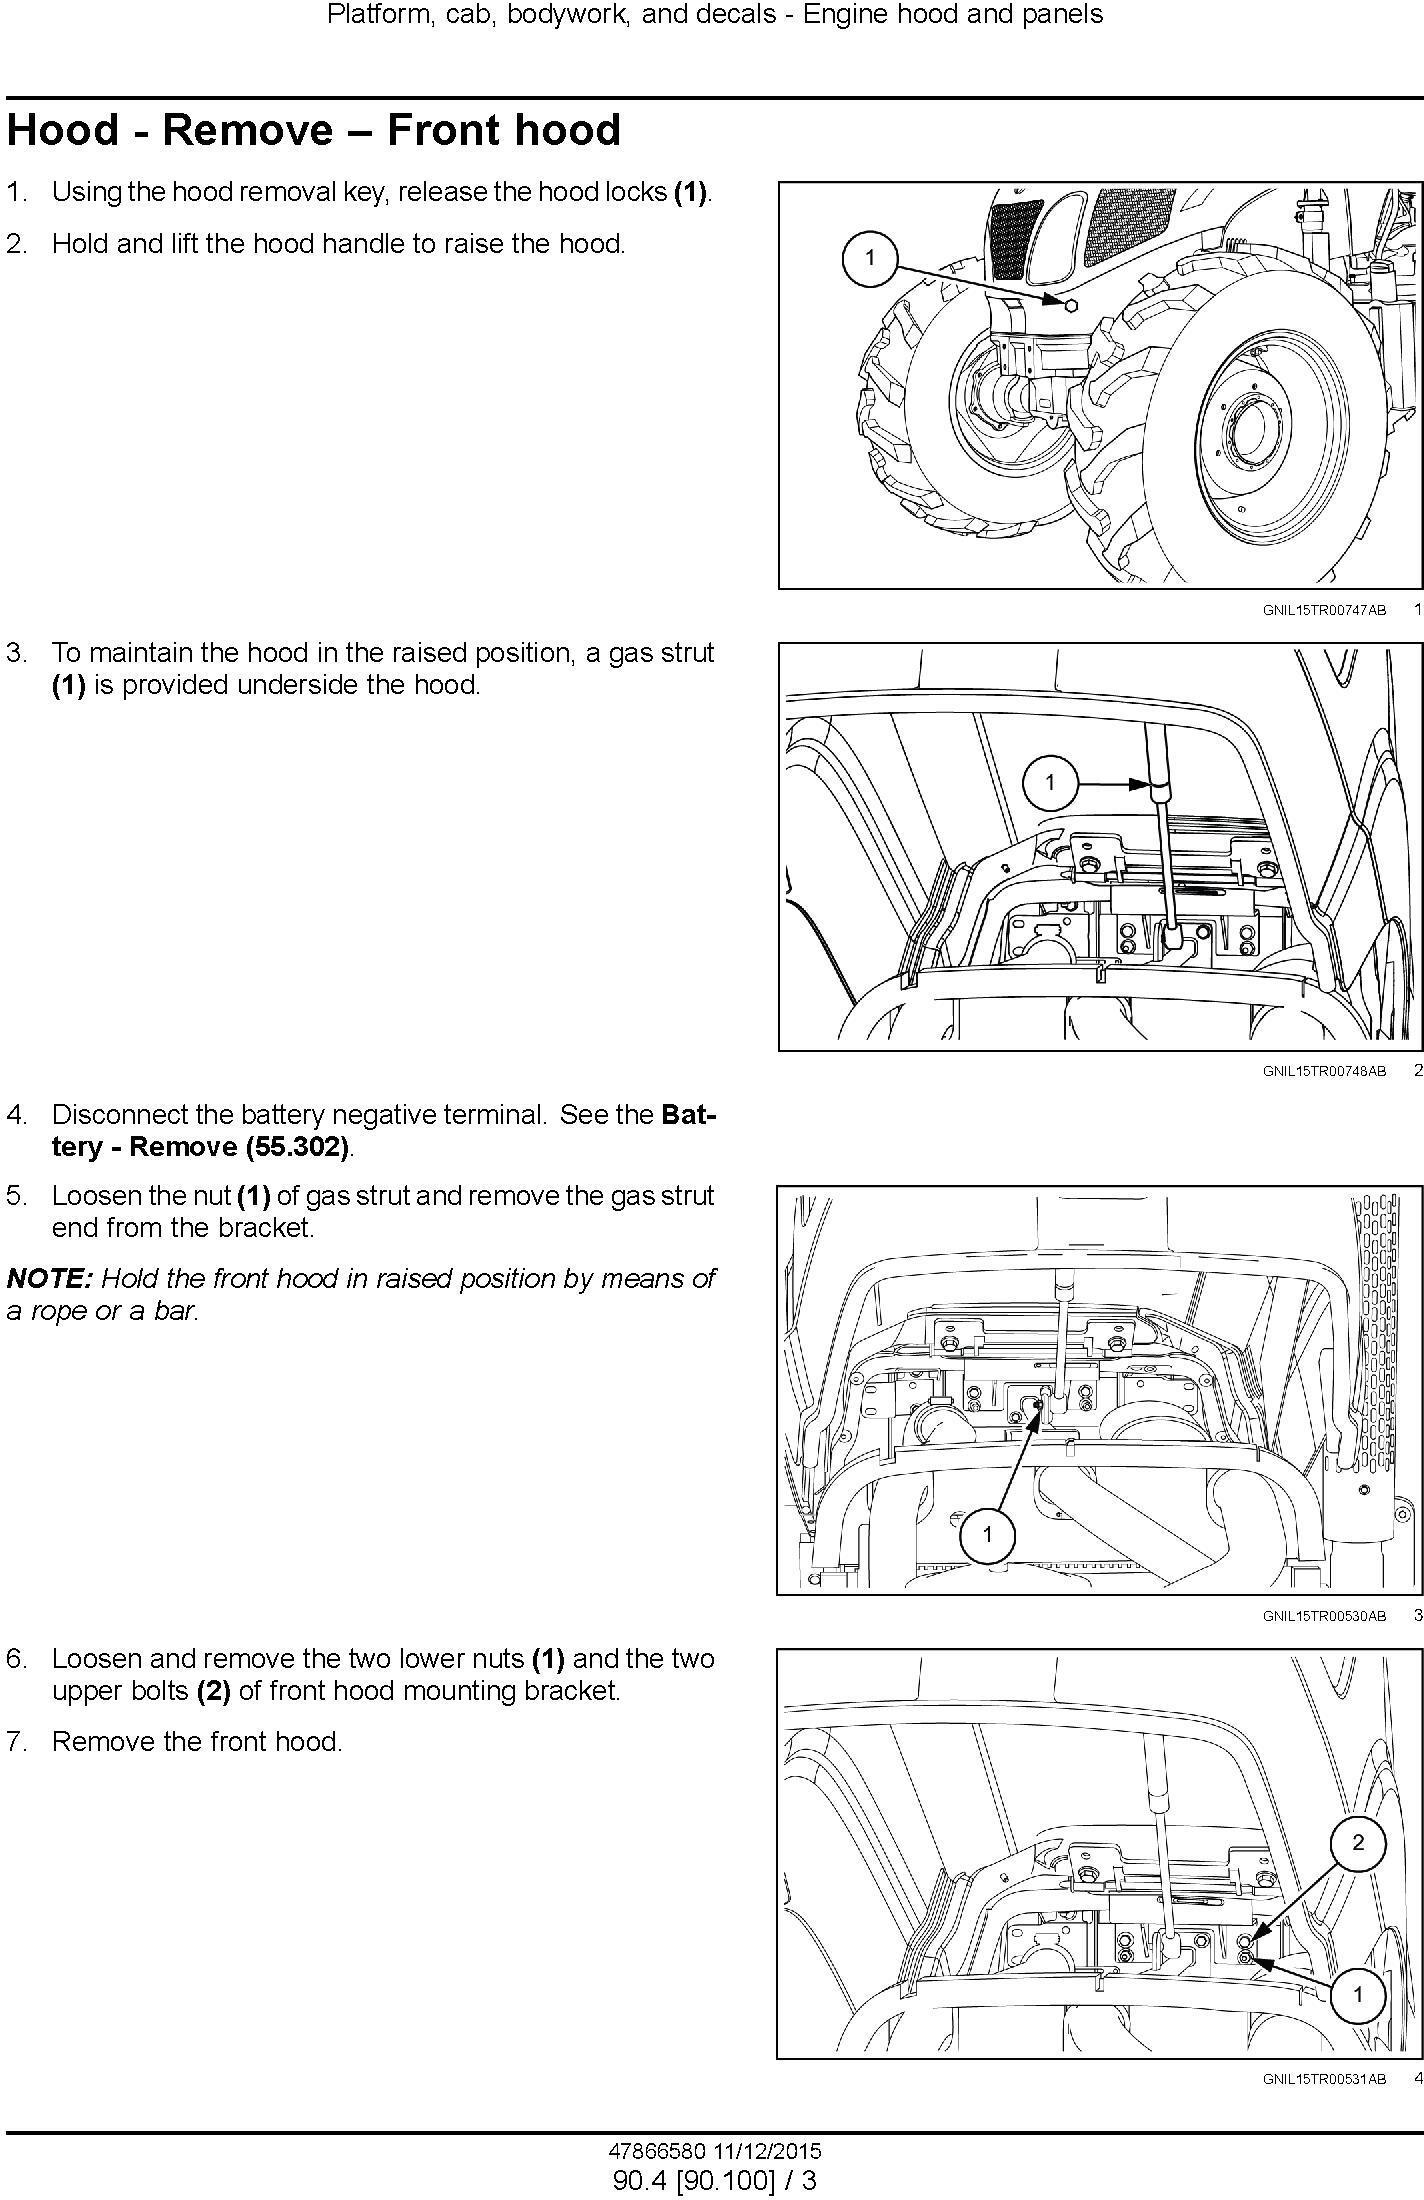 New Holland TT4.80, TT4.90 Tractor Service Manual - 1